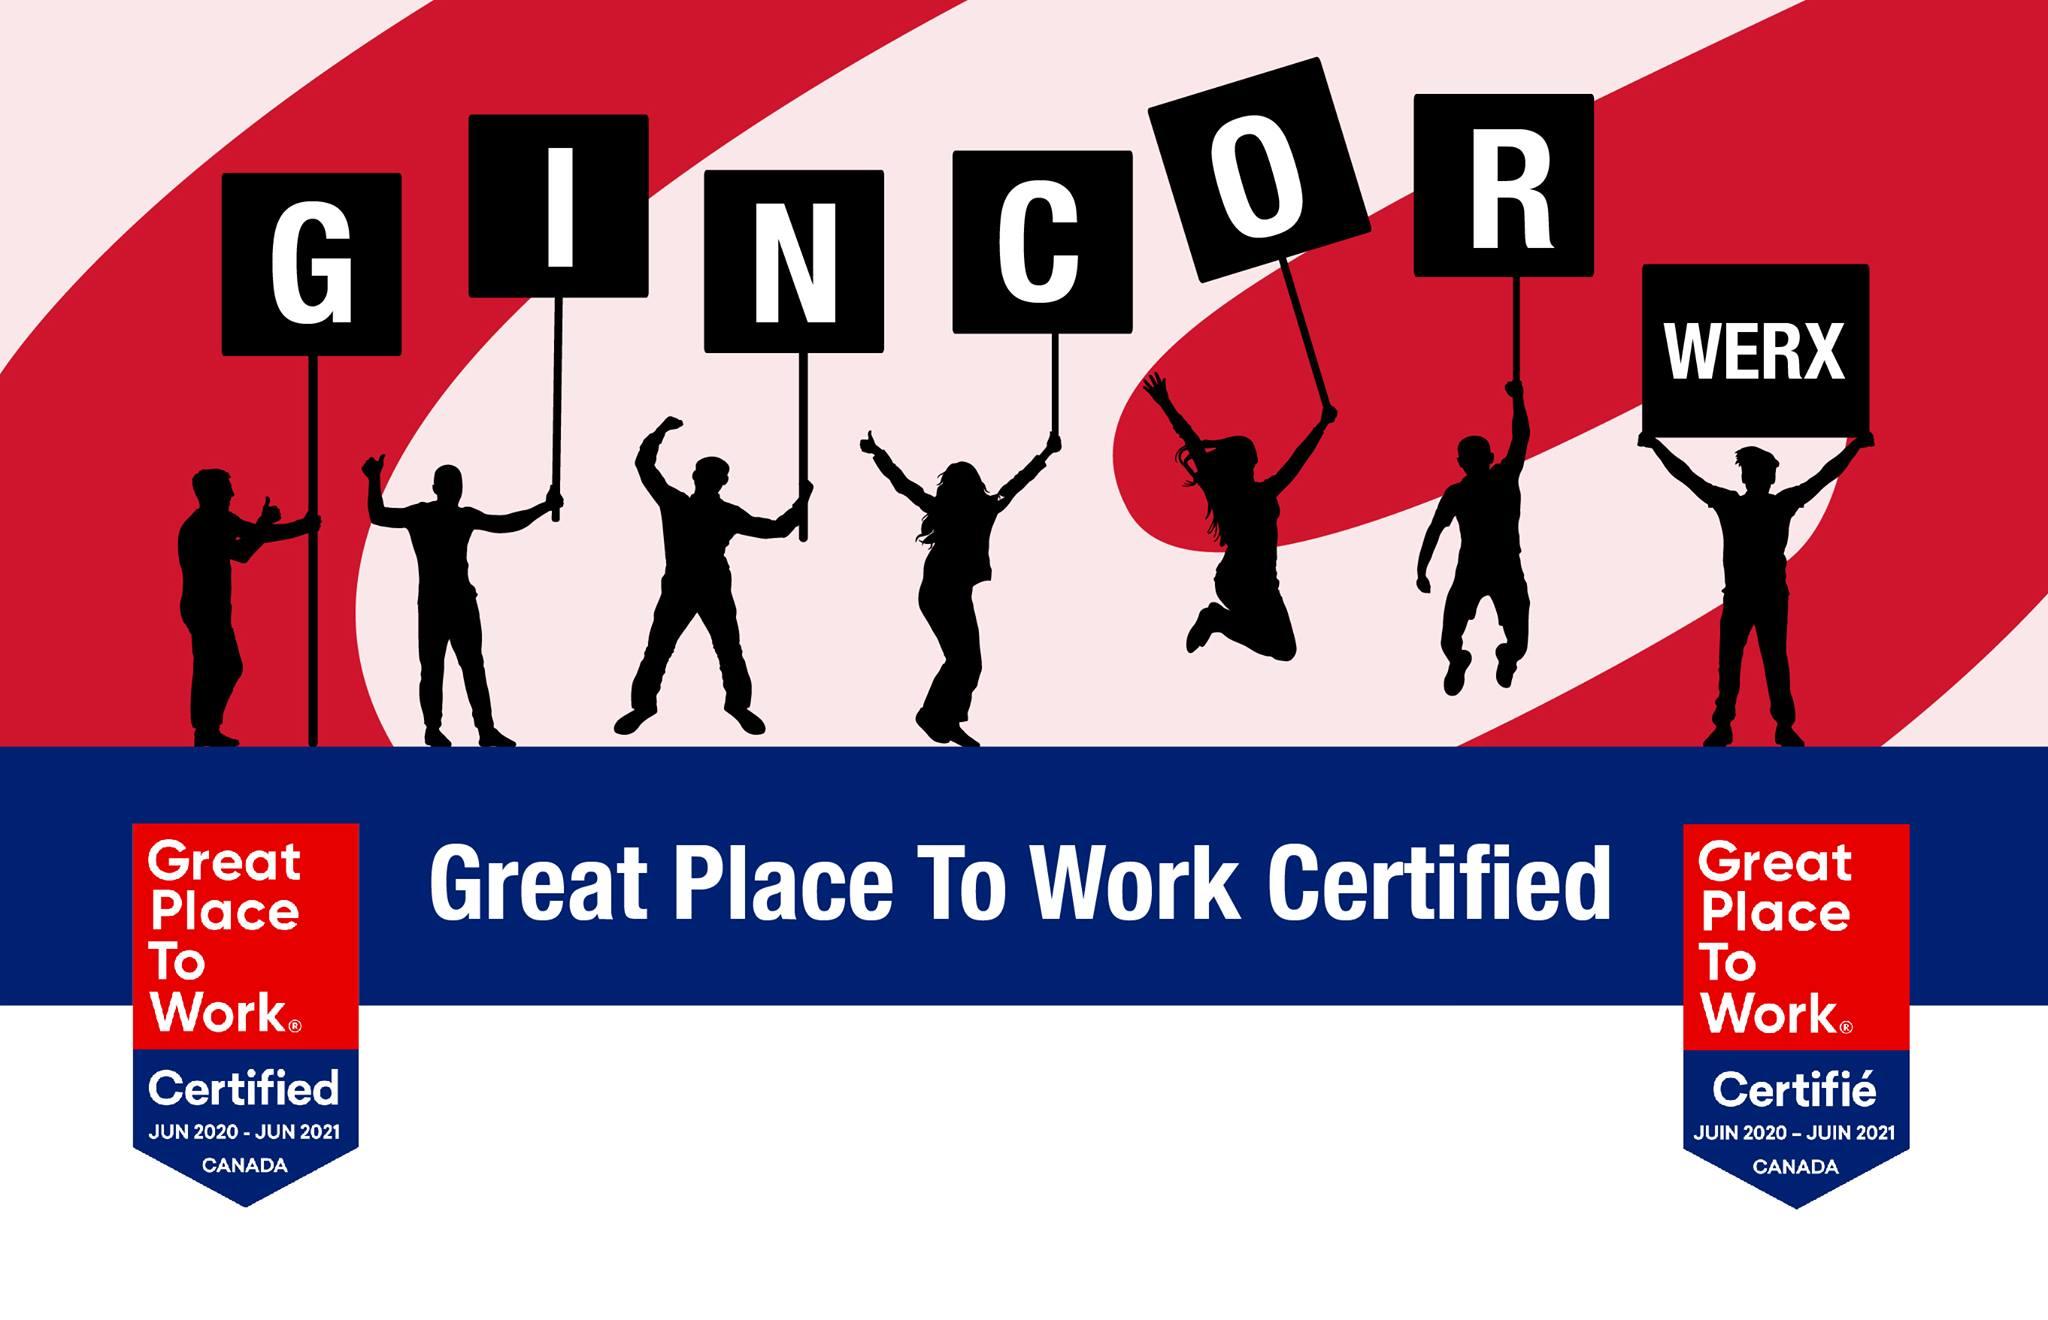 Congrats Gincor Werx